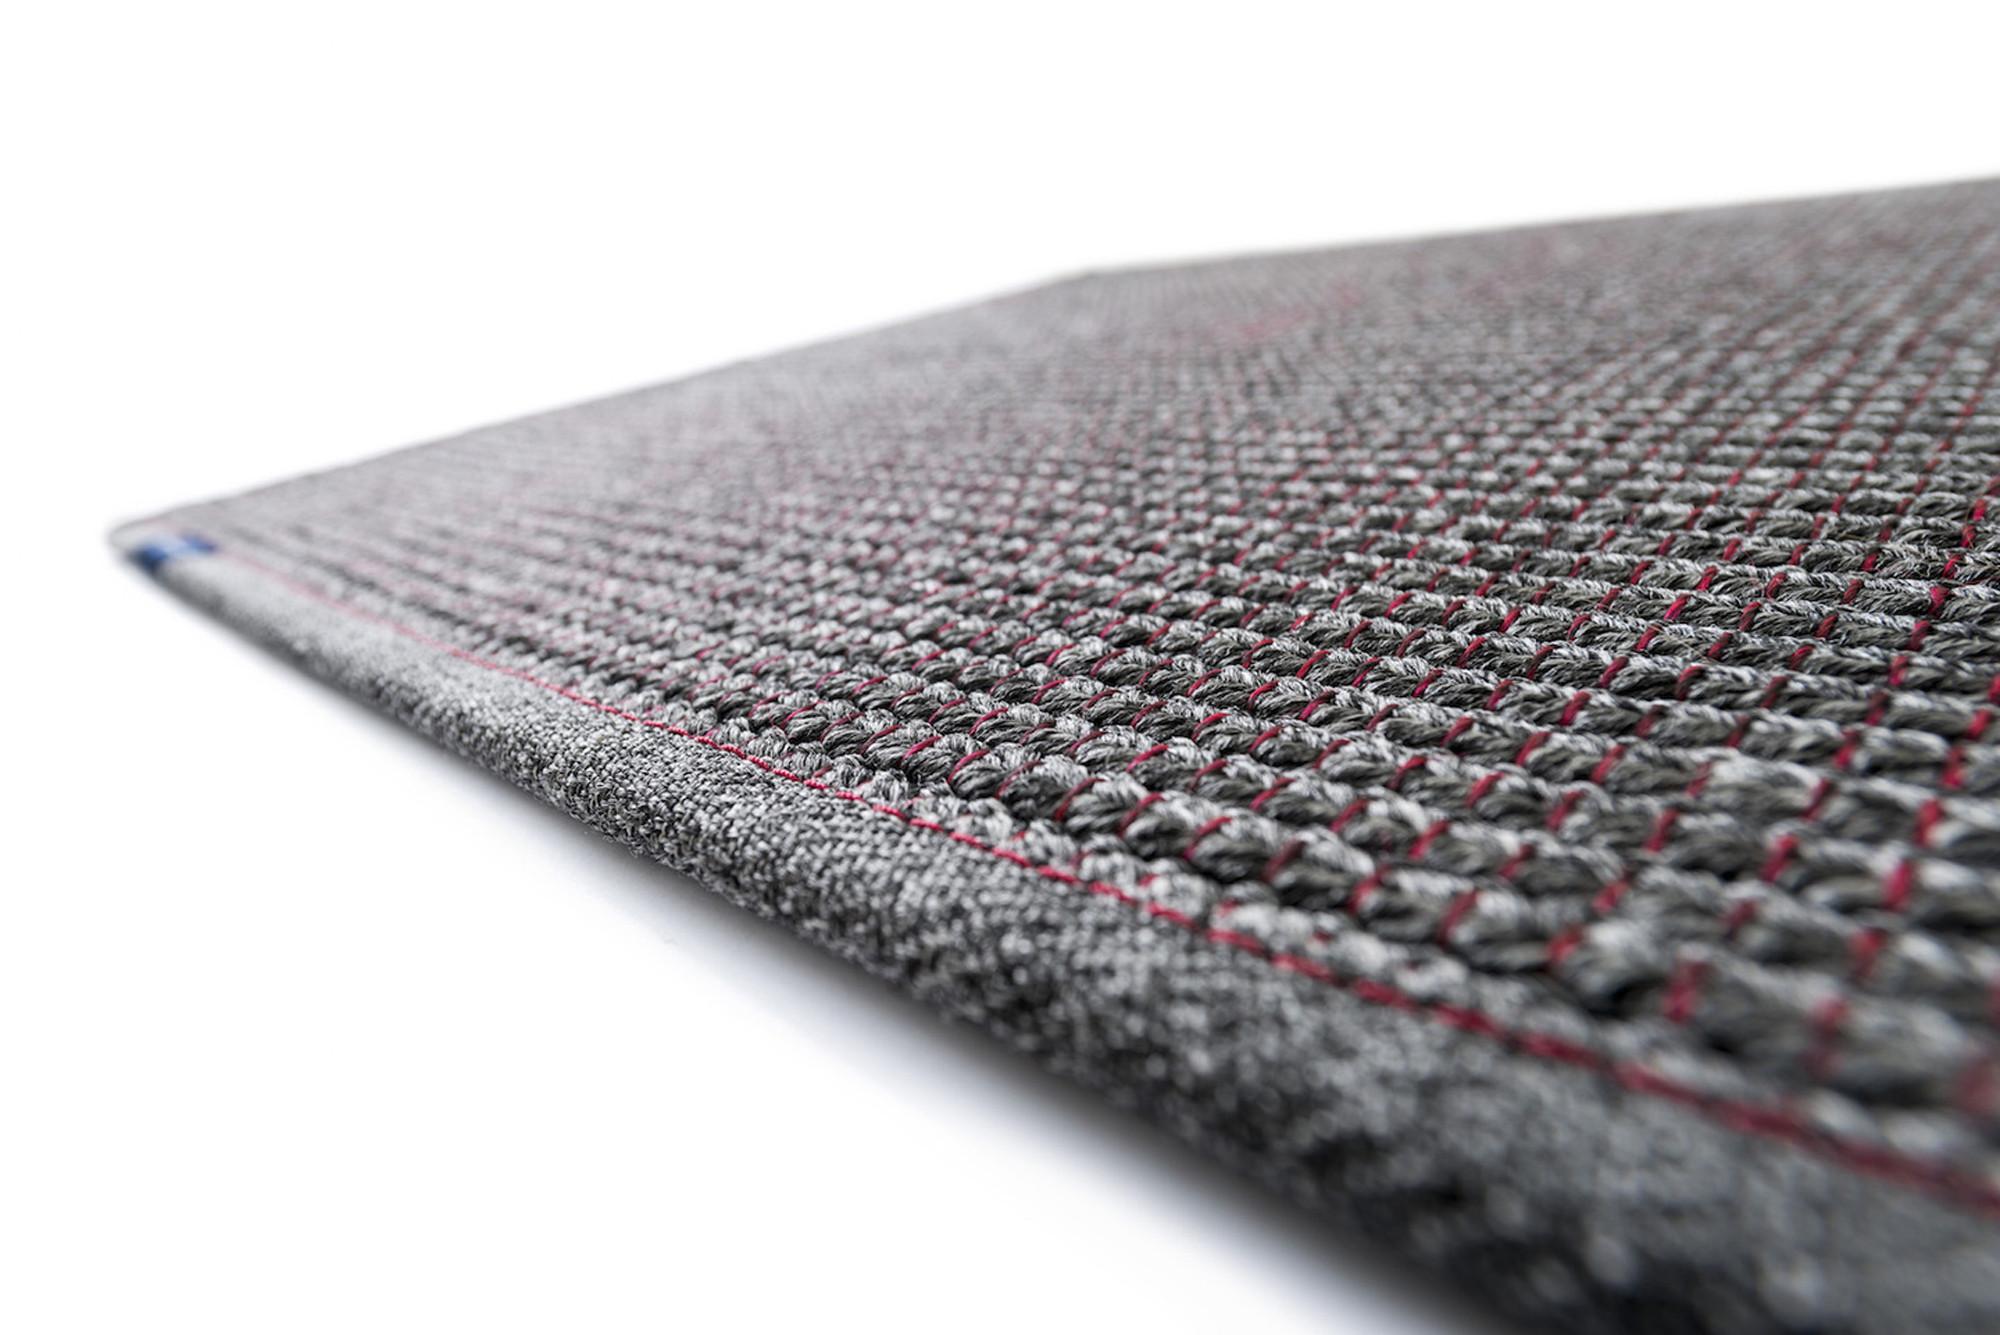 teppich zopfmuster 10503020171004. Black Bedroom Furniture Sets. Home Design Ideas